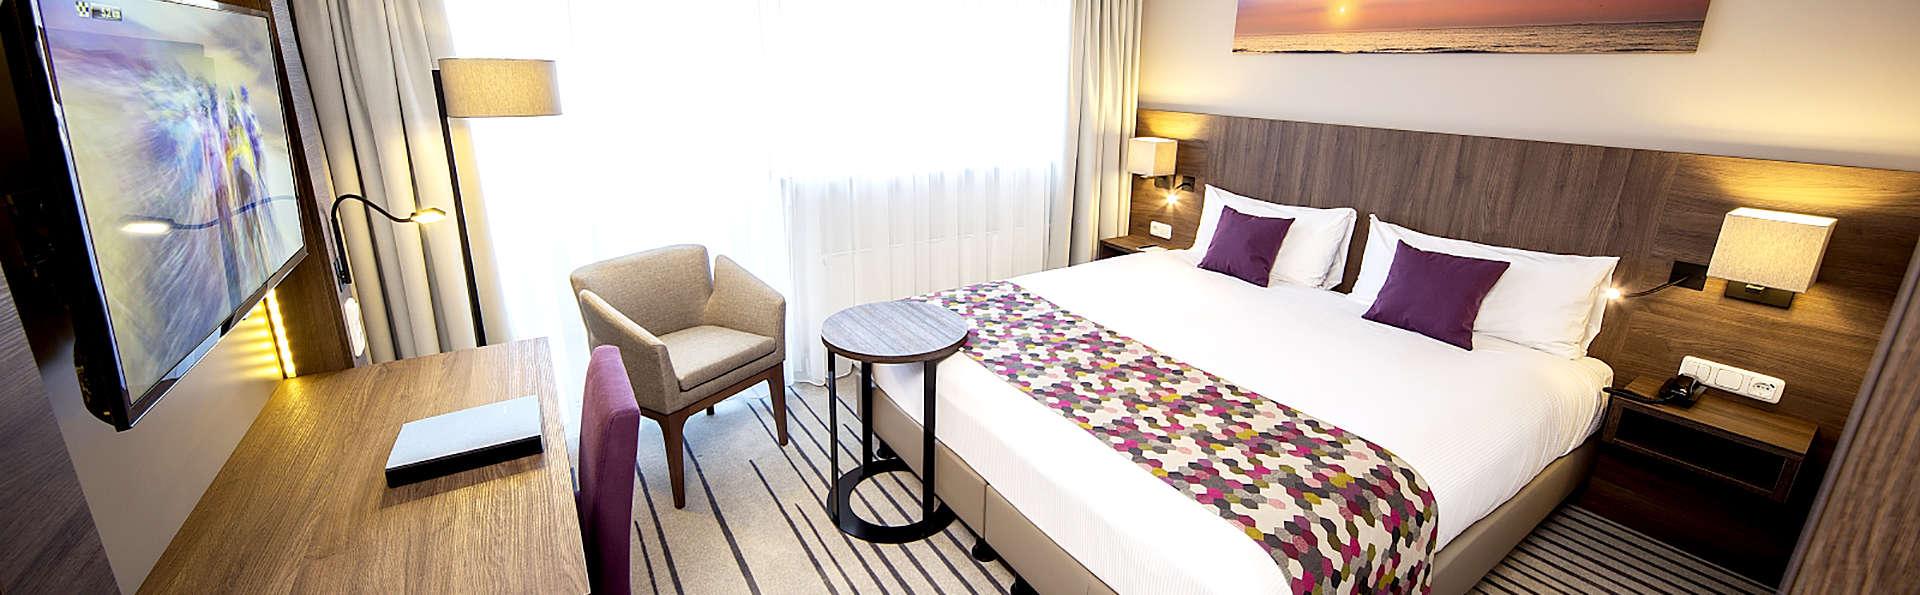 Uitwaaien en luxe overnachten in Scheveningen